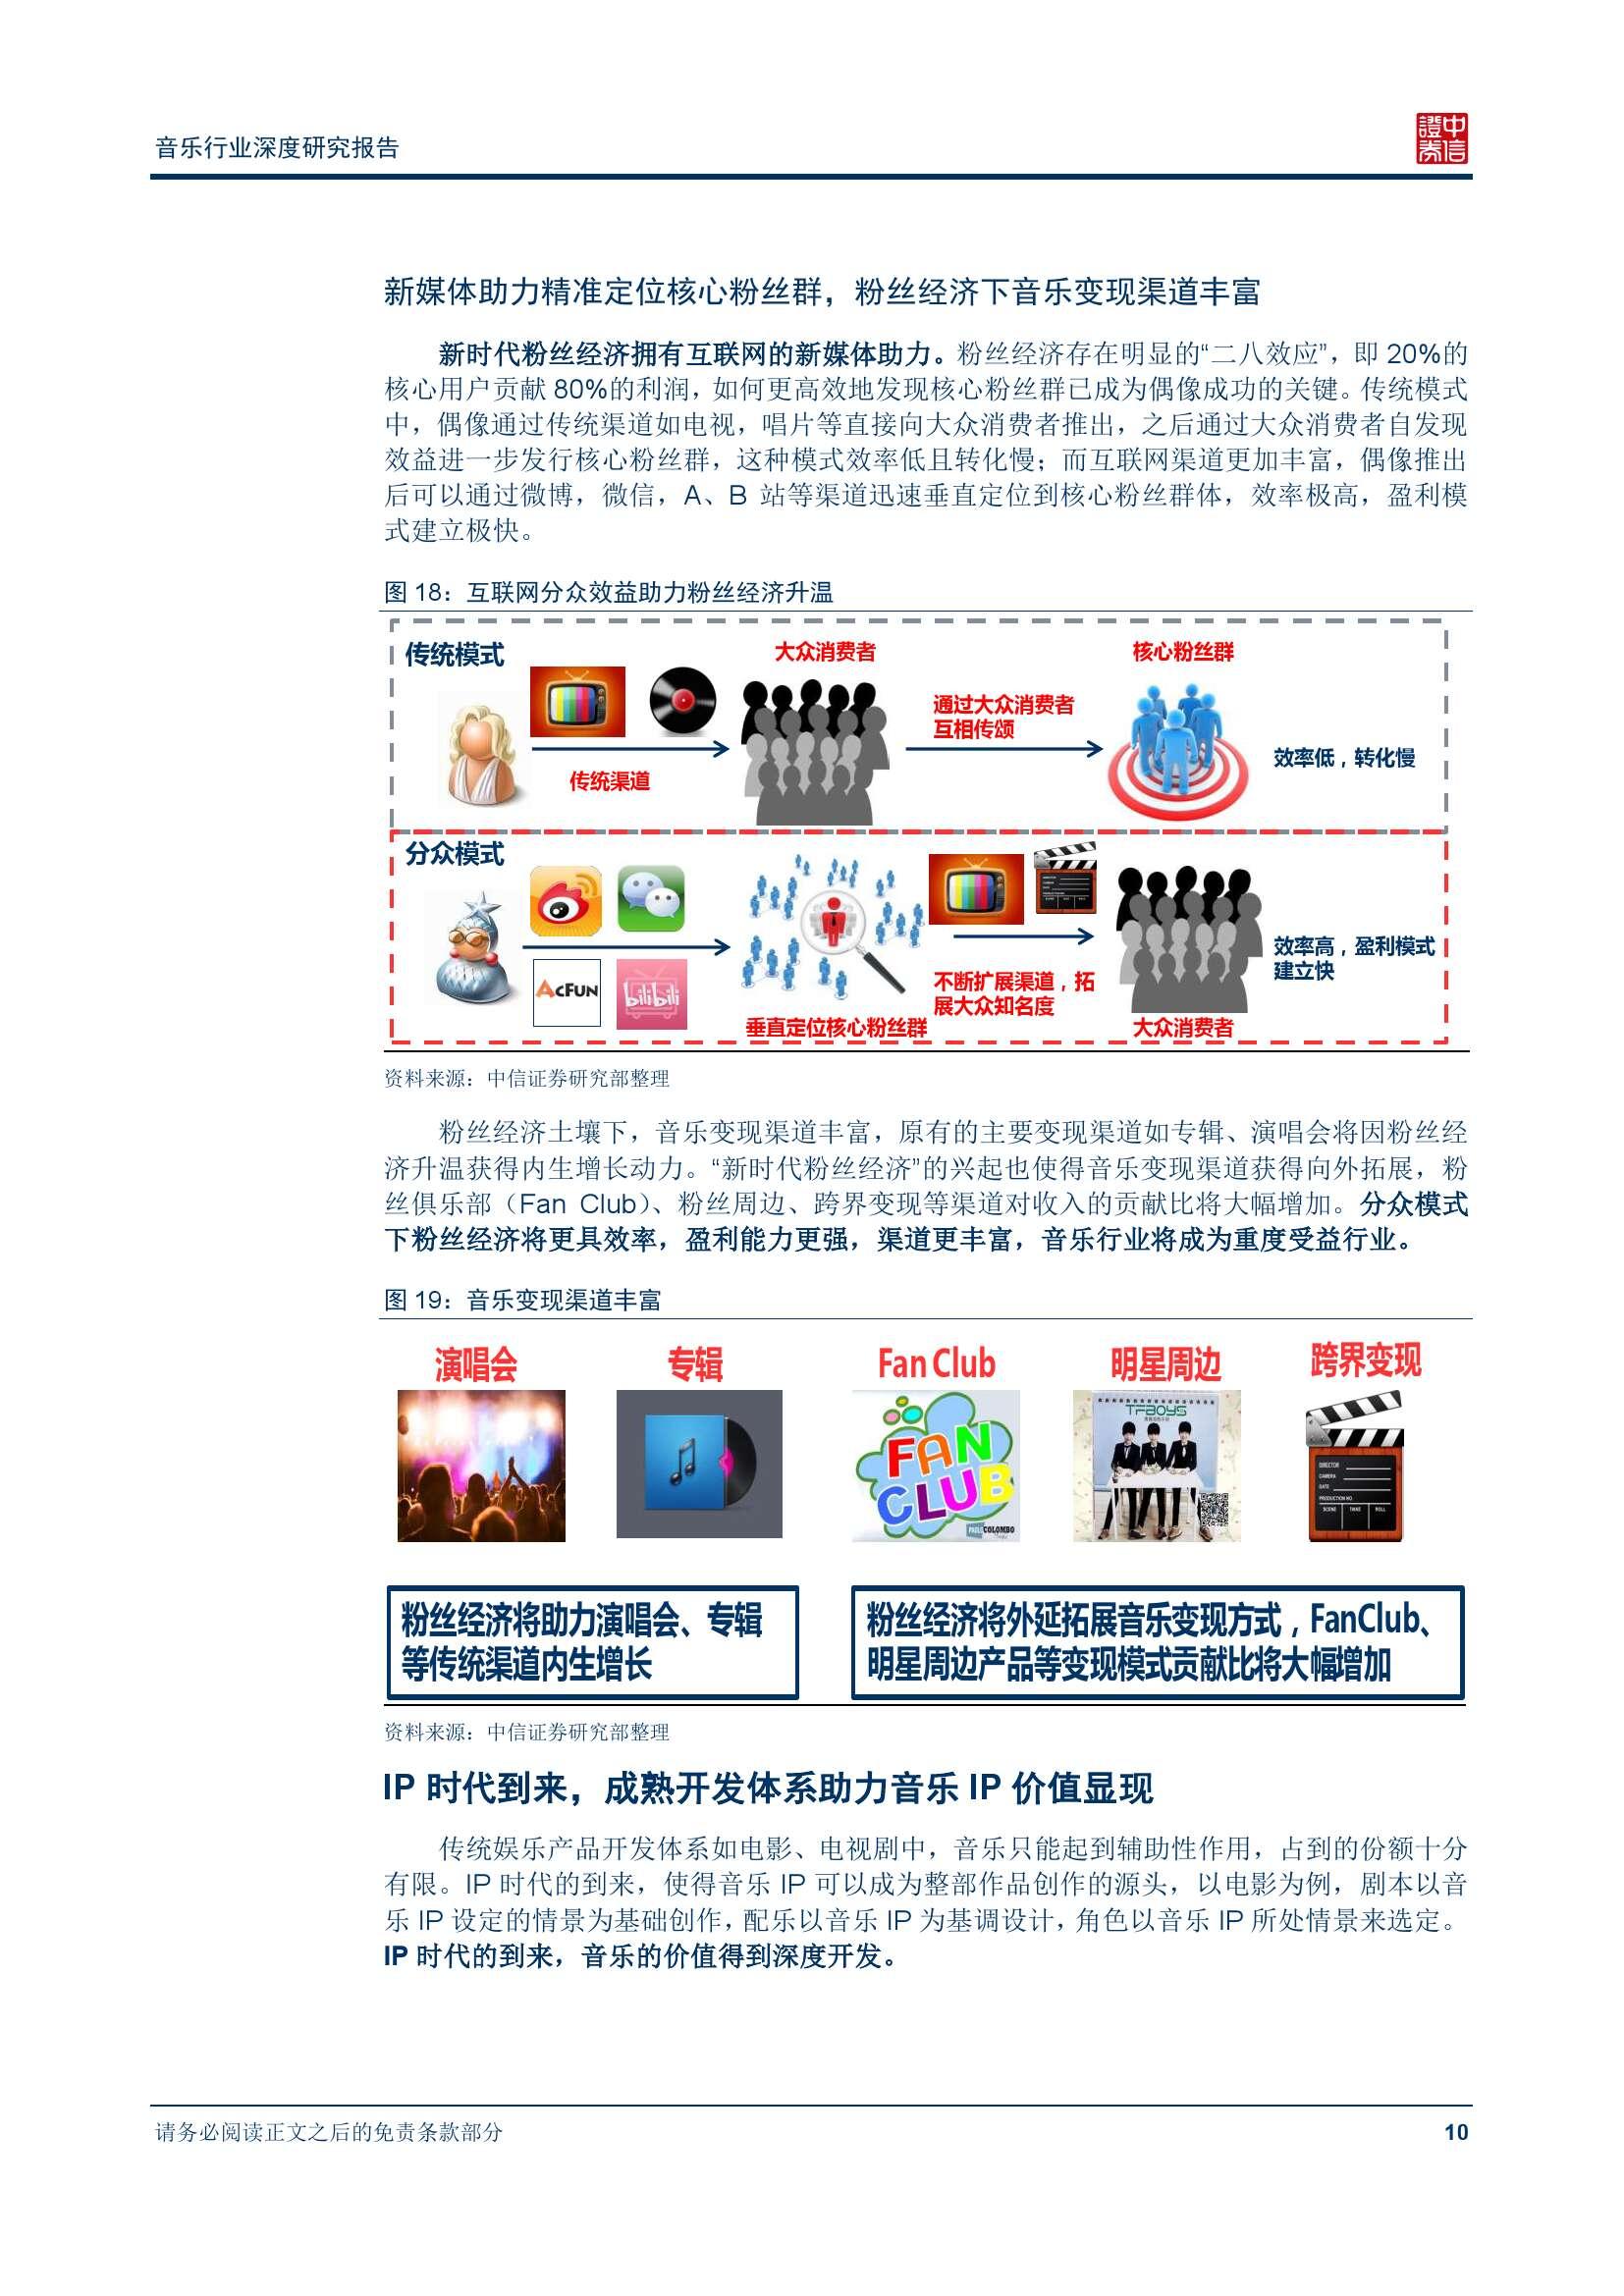 中信证券音乐行业深度研究报告_000015